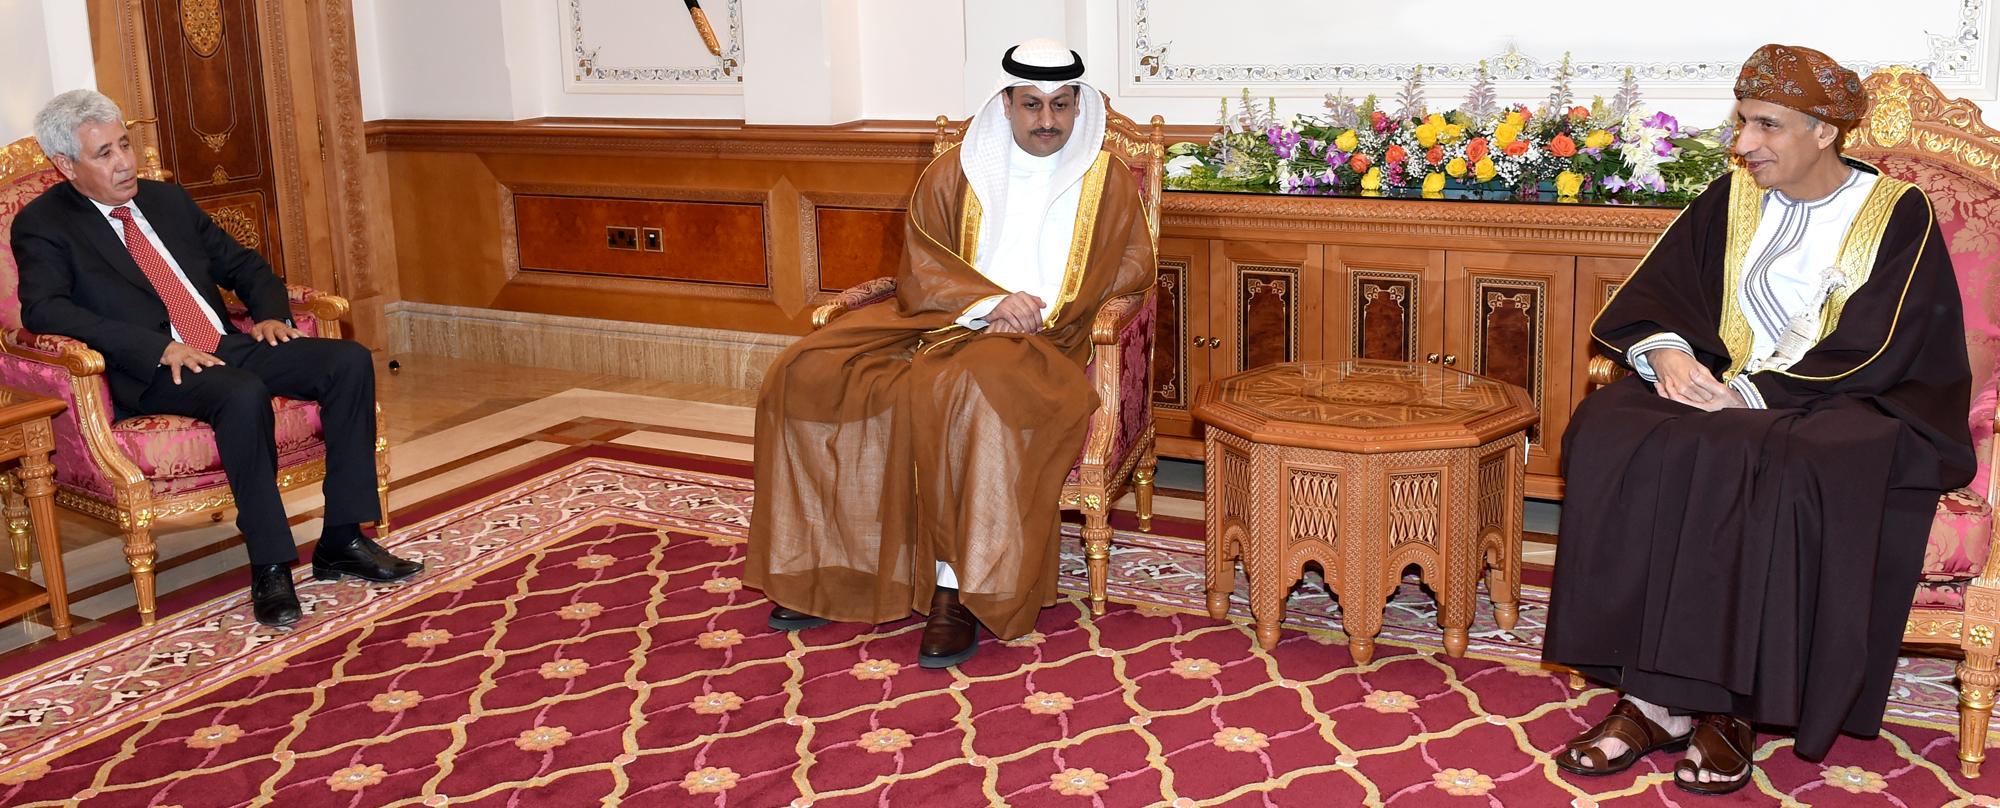 السيد فهد يستقبل رؤساء هيئات وجمعيات ونقابات المحامين في الدول العربية